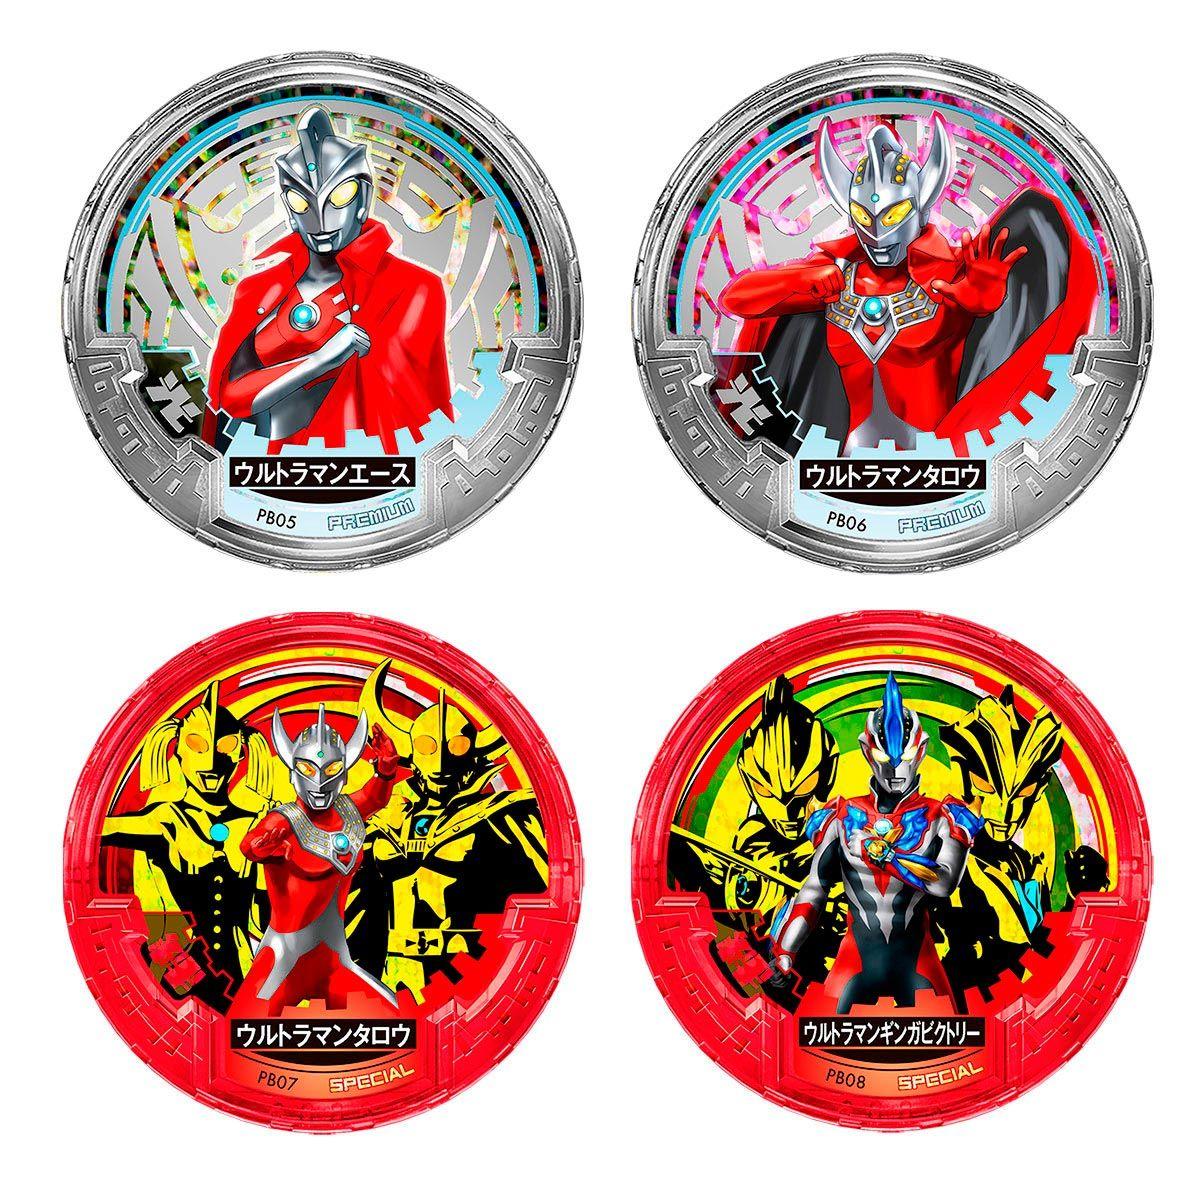 【限定販売】ウルトラマン『アバレンボウル オフィシャルメダルホルダー』ガシャポン-005